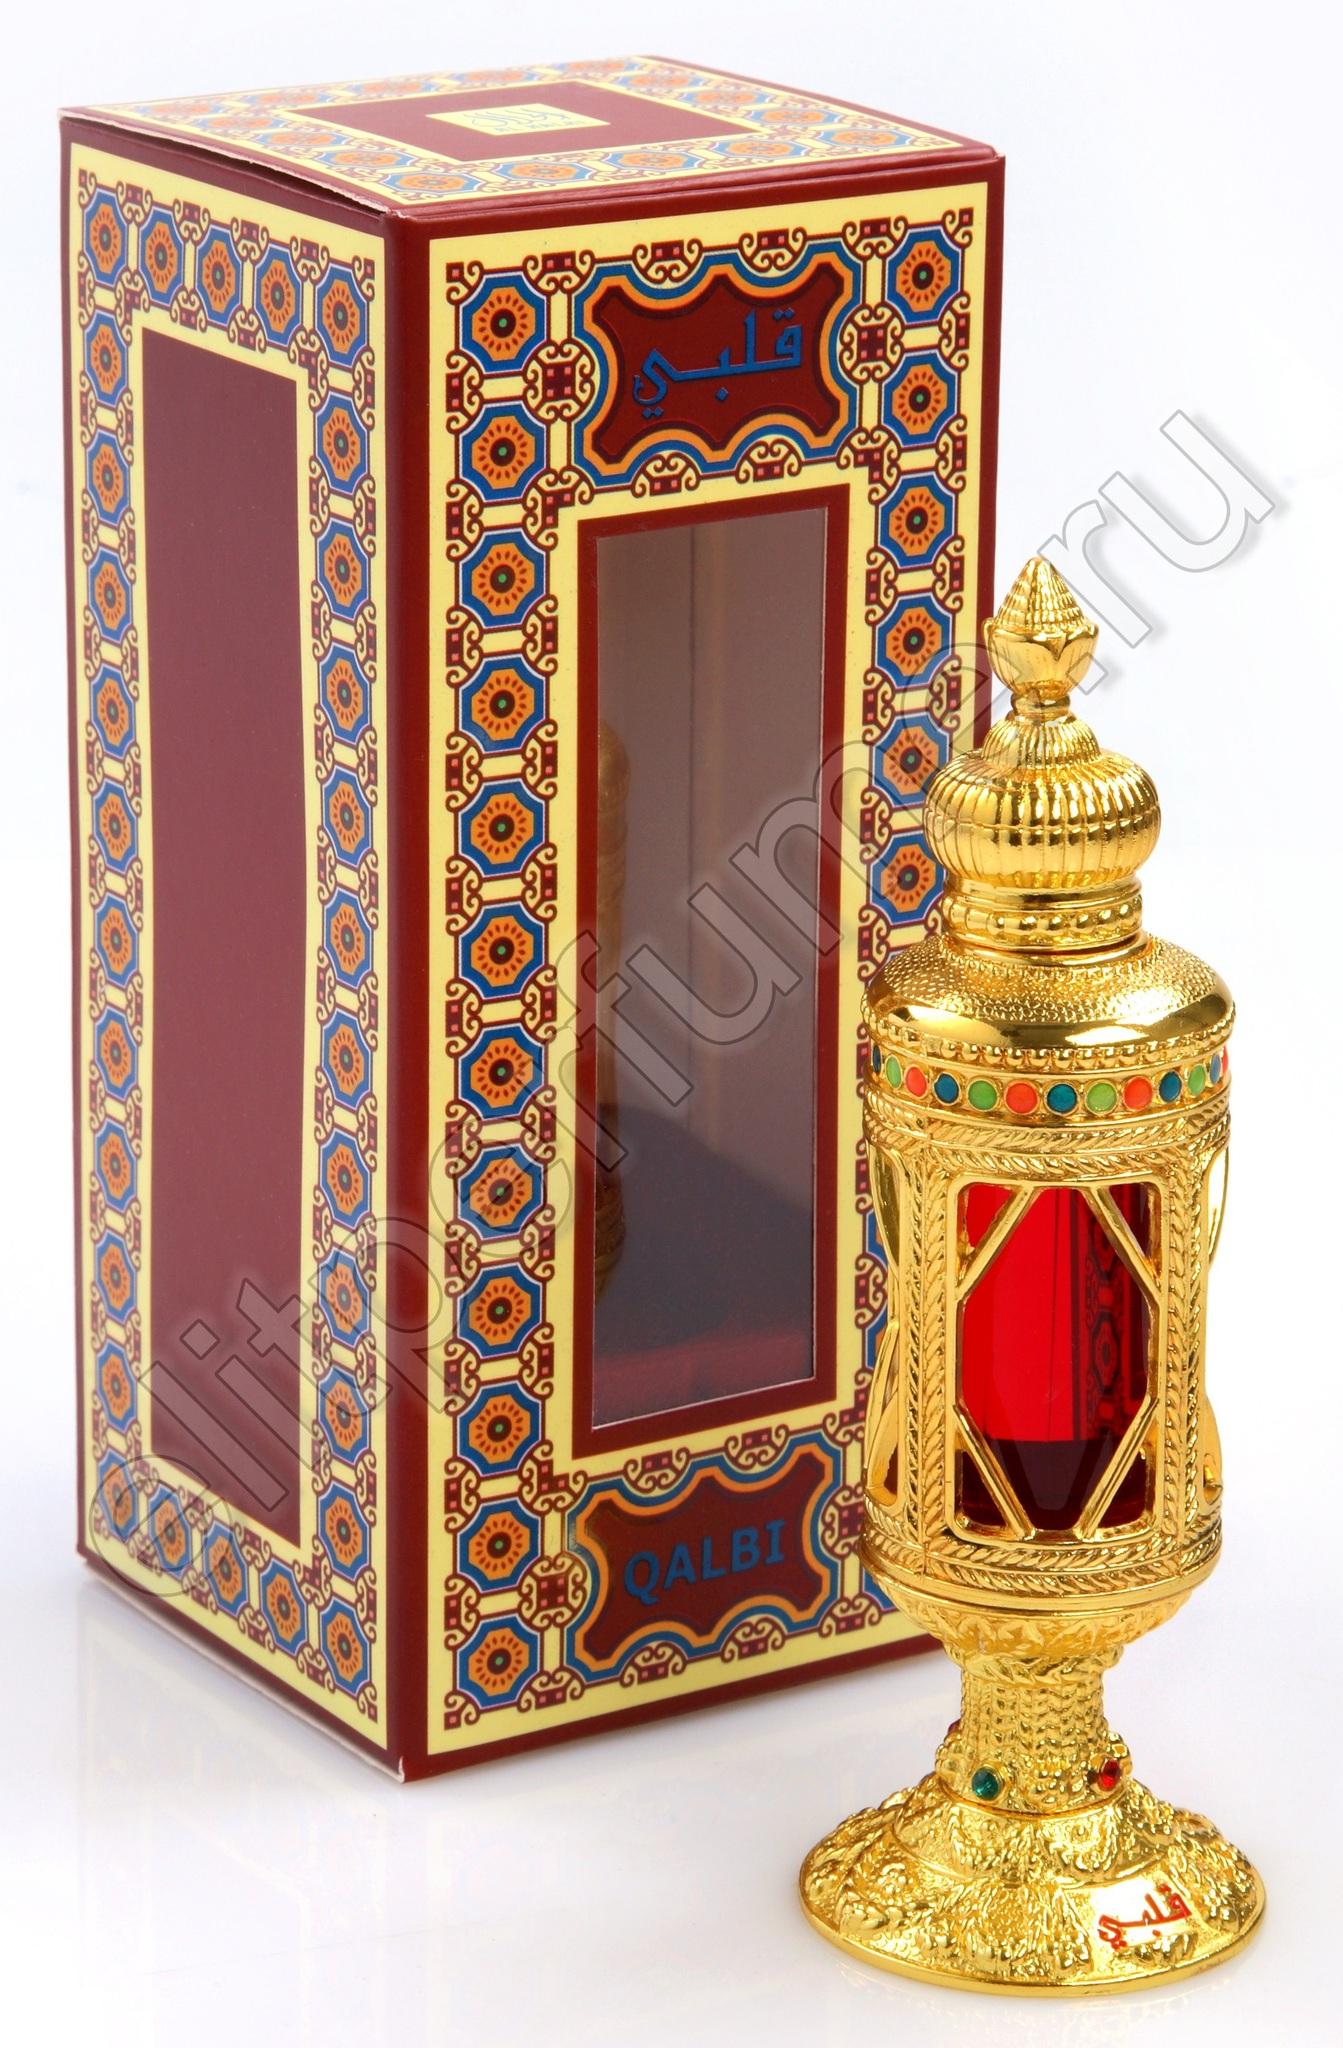 Пробники для духов Кальби Qalbi 1 мл арабские масляные духи от Аль Харамайн Al Haramin Perfumes